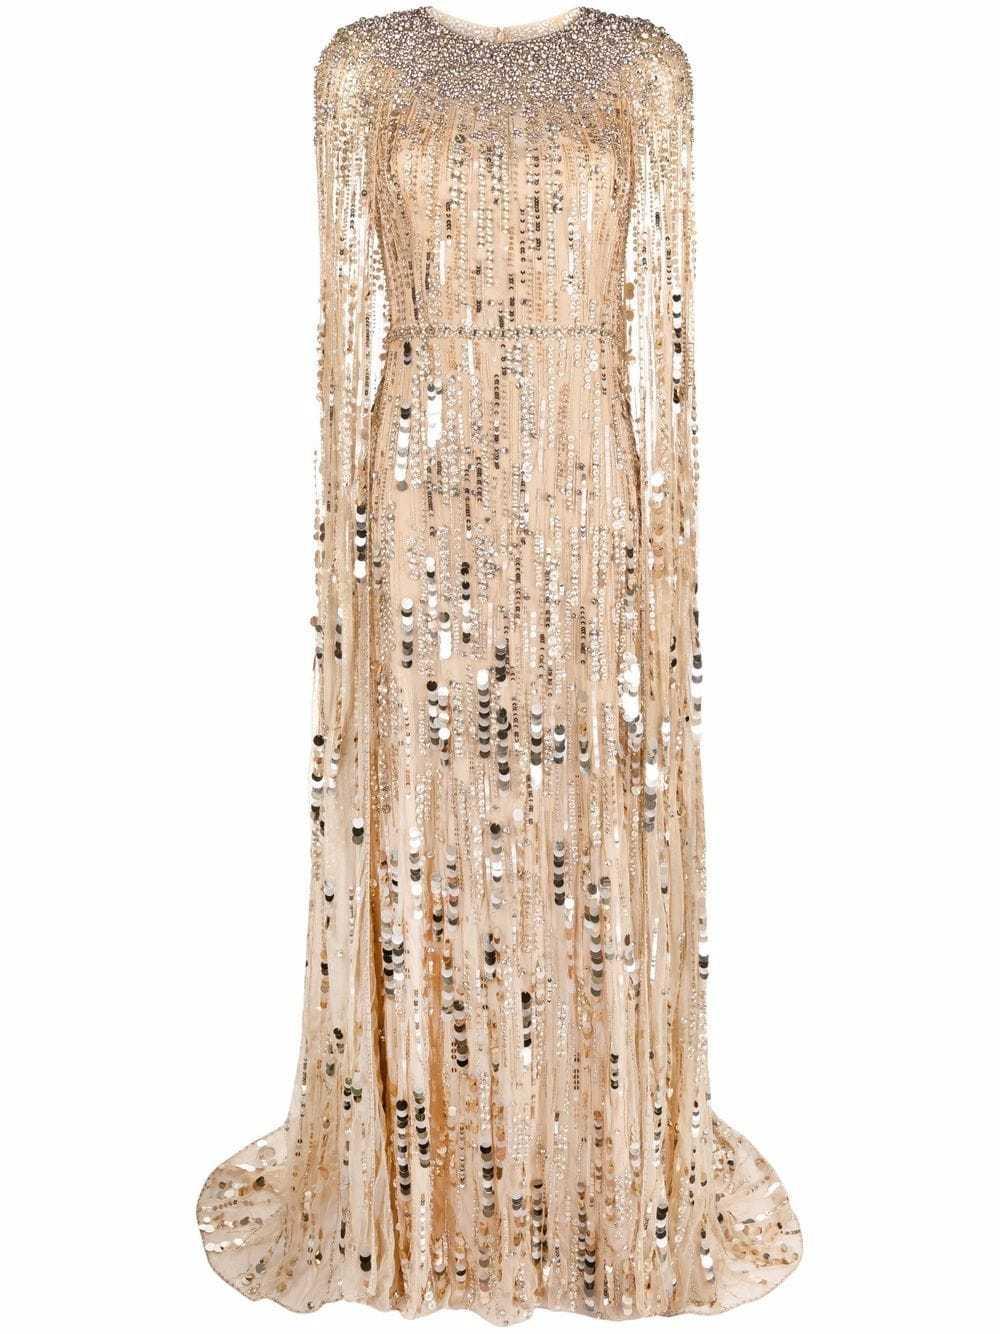 Uno de los diseños de Jenny Packham que más se parecen al que llevaba ayer Kate Middleton. Lo puedes encontrar en Farfetch.